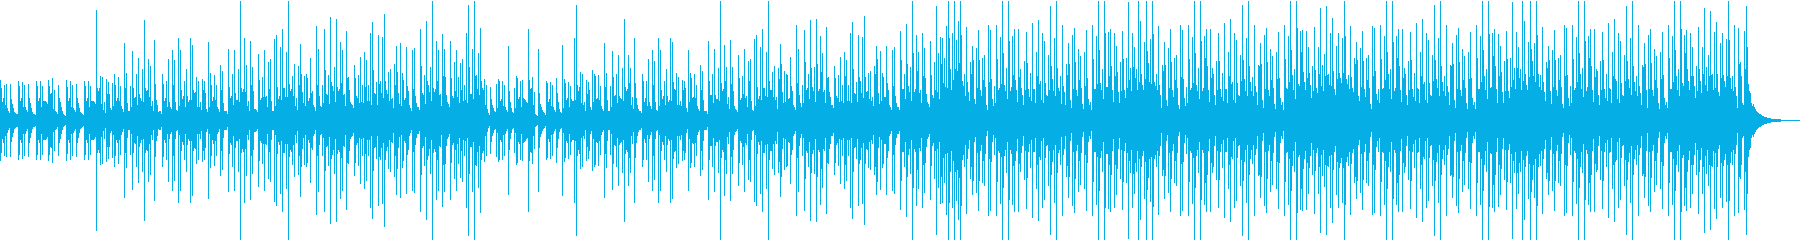 お祭りをイメージした和太鼓曲です。の再生済みの波形